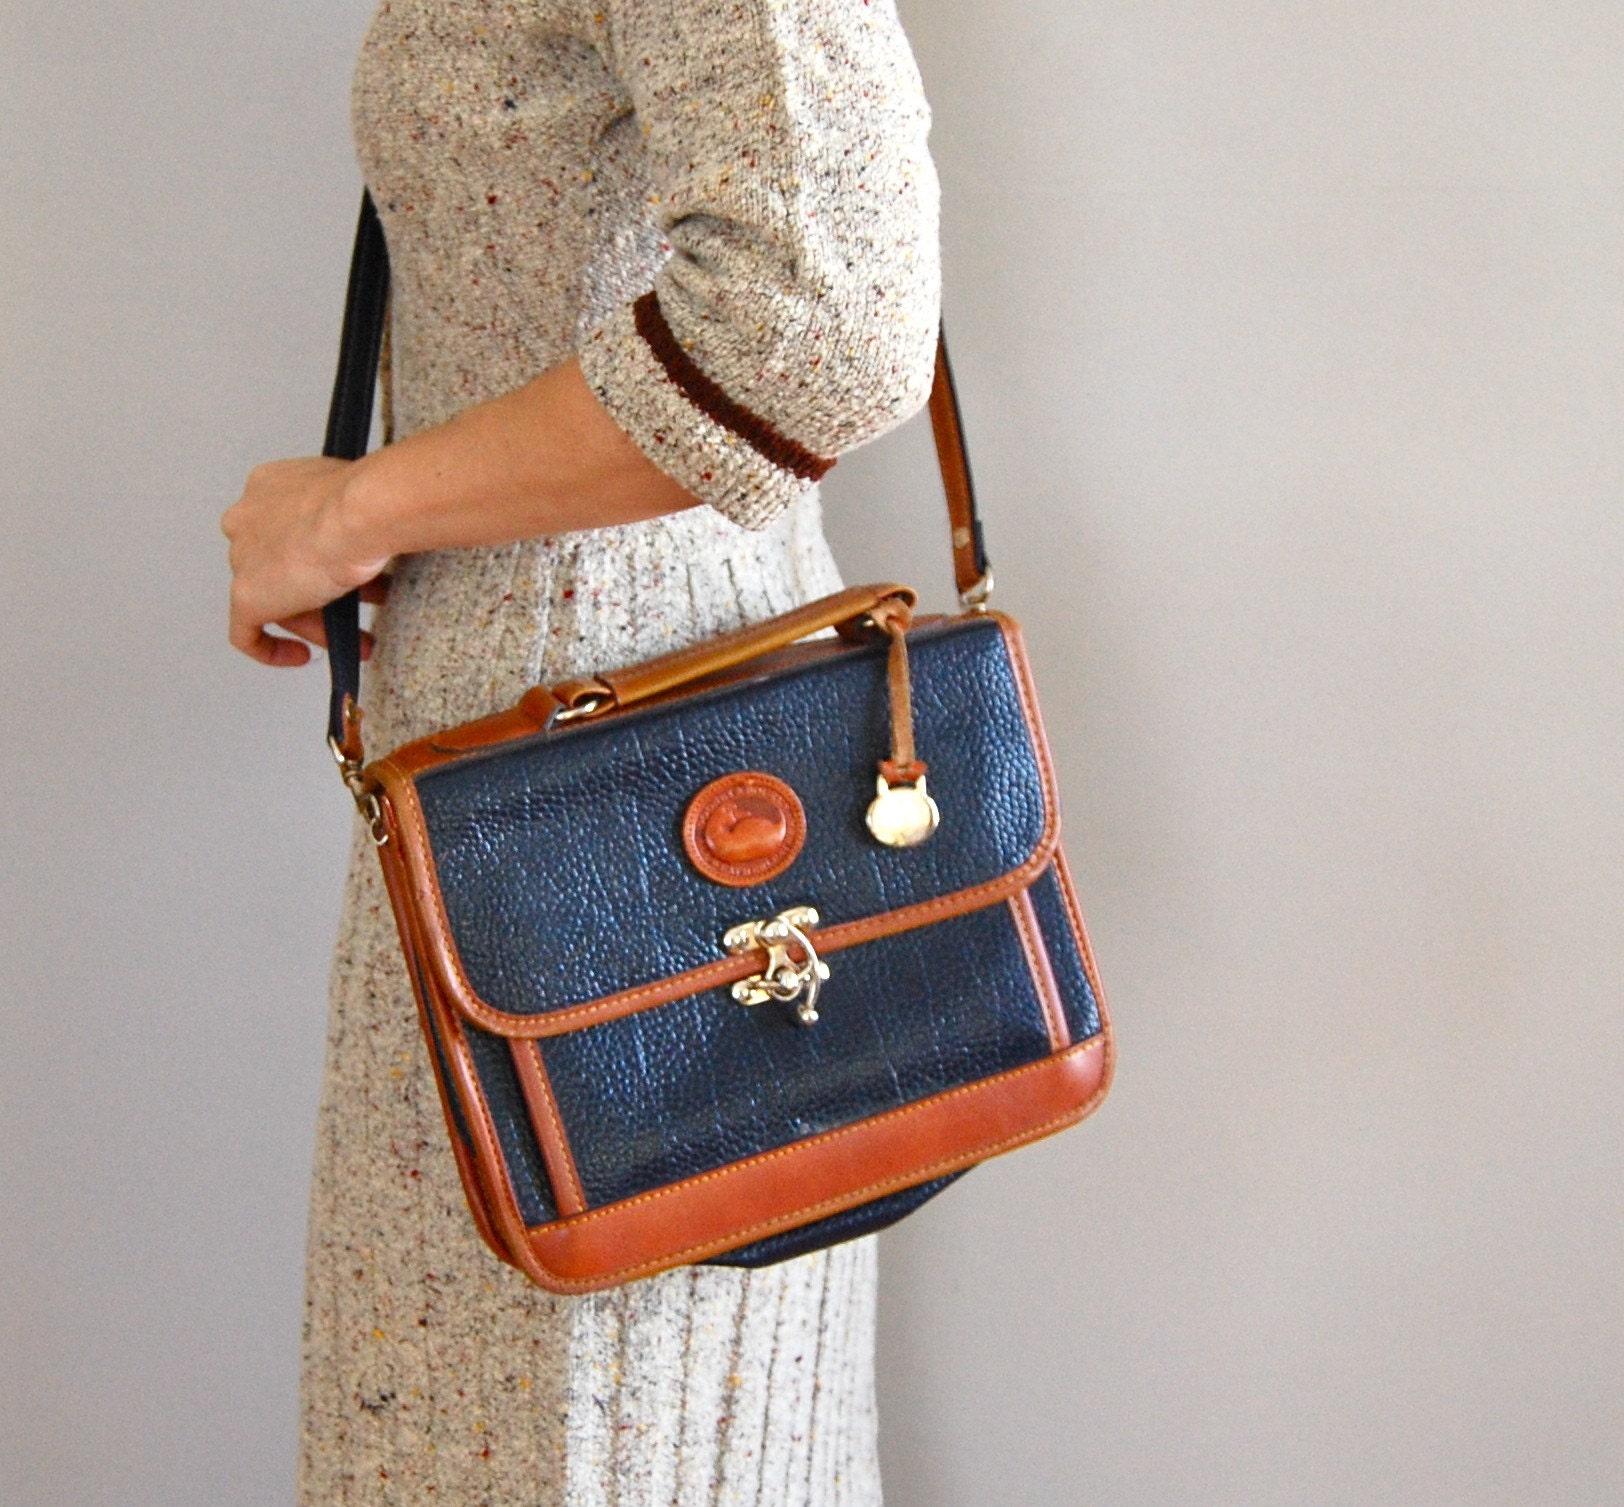 Dooney y bolsos vintage bourke